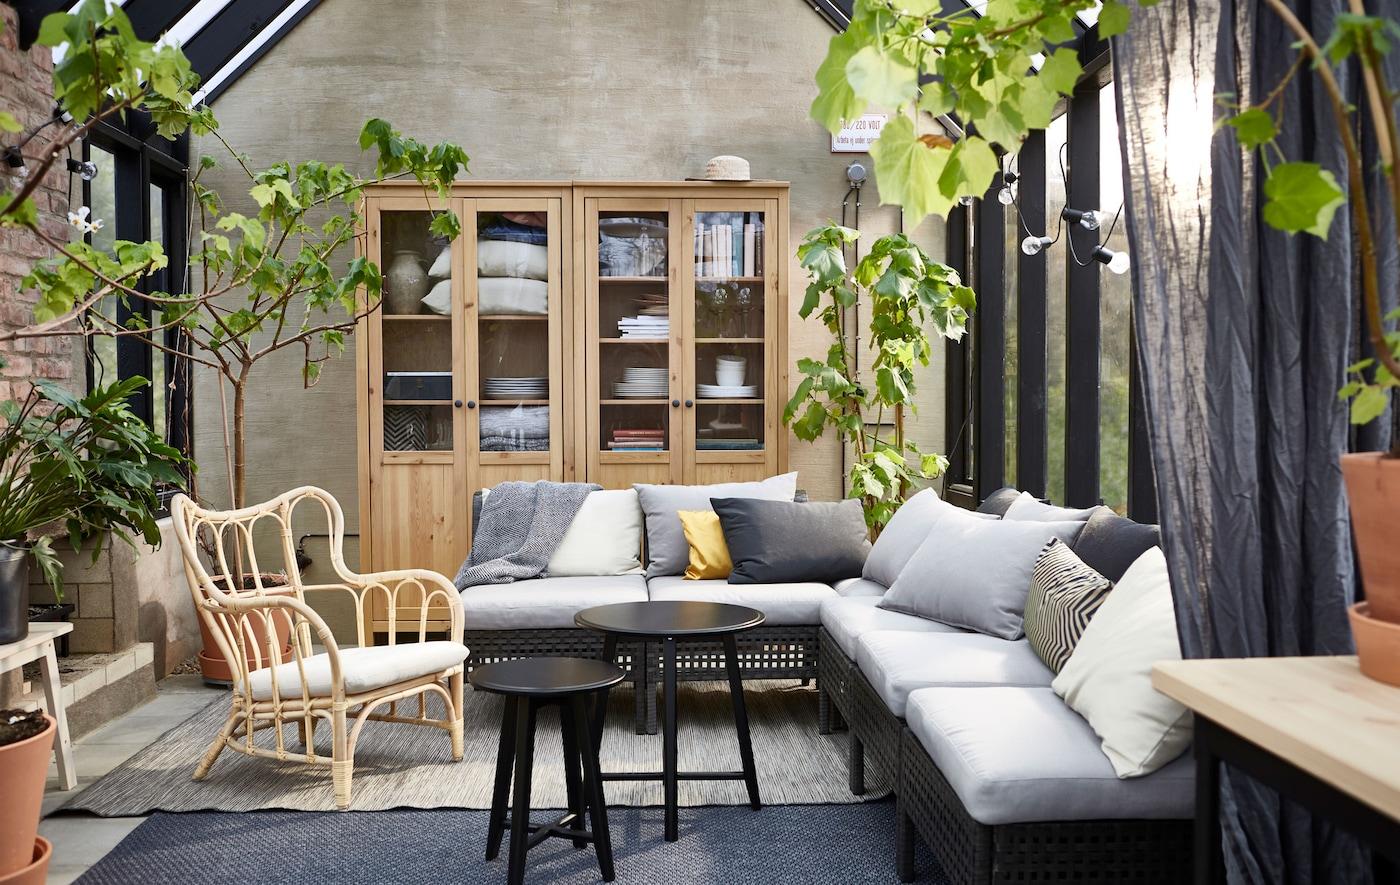 Outdoor wohnzimmer stilvolle gestaltungsideen ikea - Wohnzimmer gestaltungsideen ...